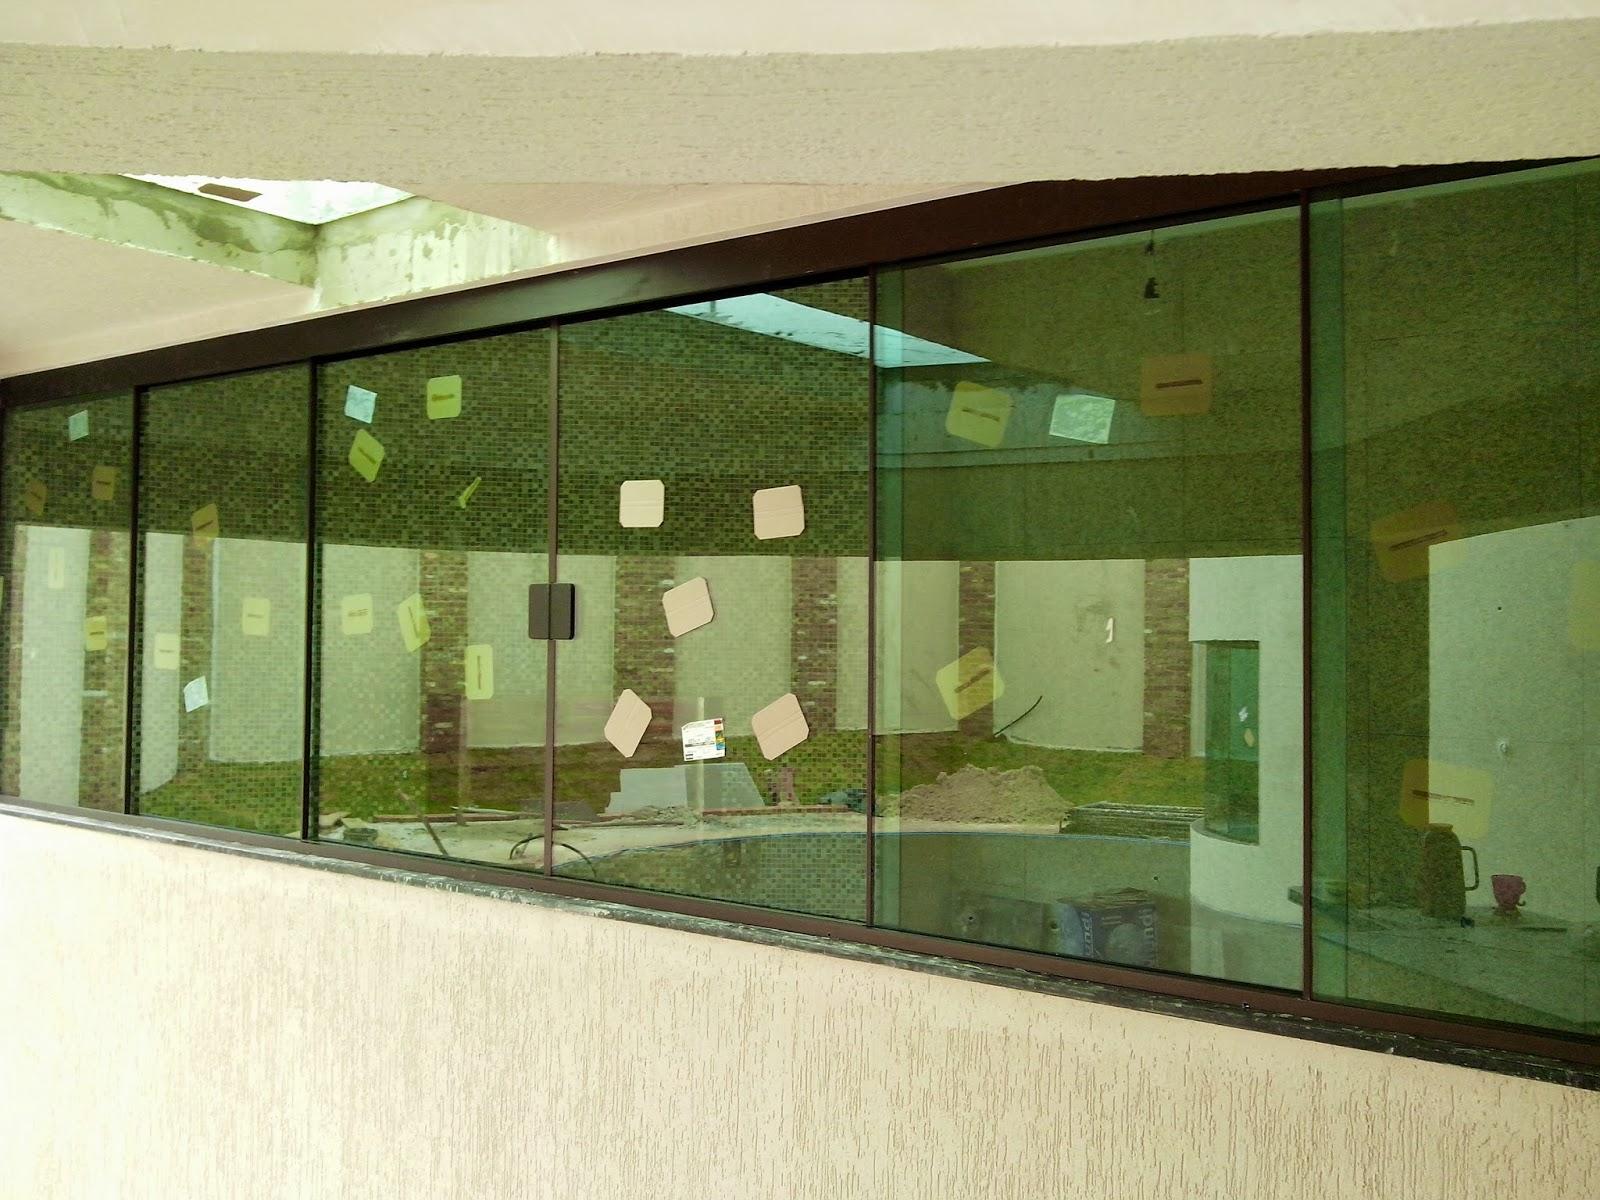 #373F18 FRANCO VIDROS TEMPERADOS: Instalação em Ourinhos 754 Janelas Vidros Verdes